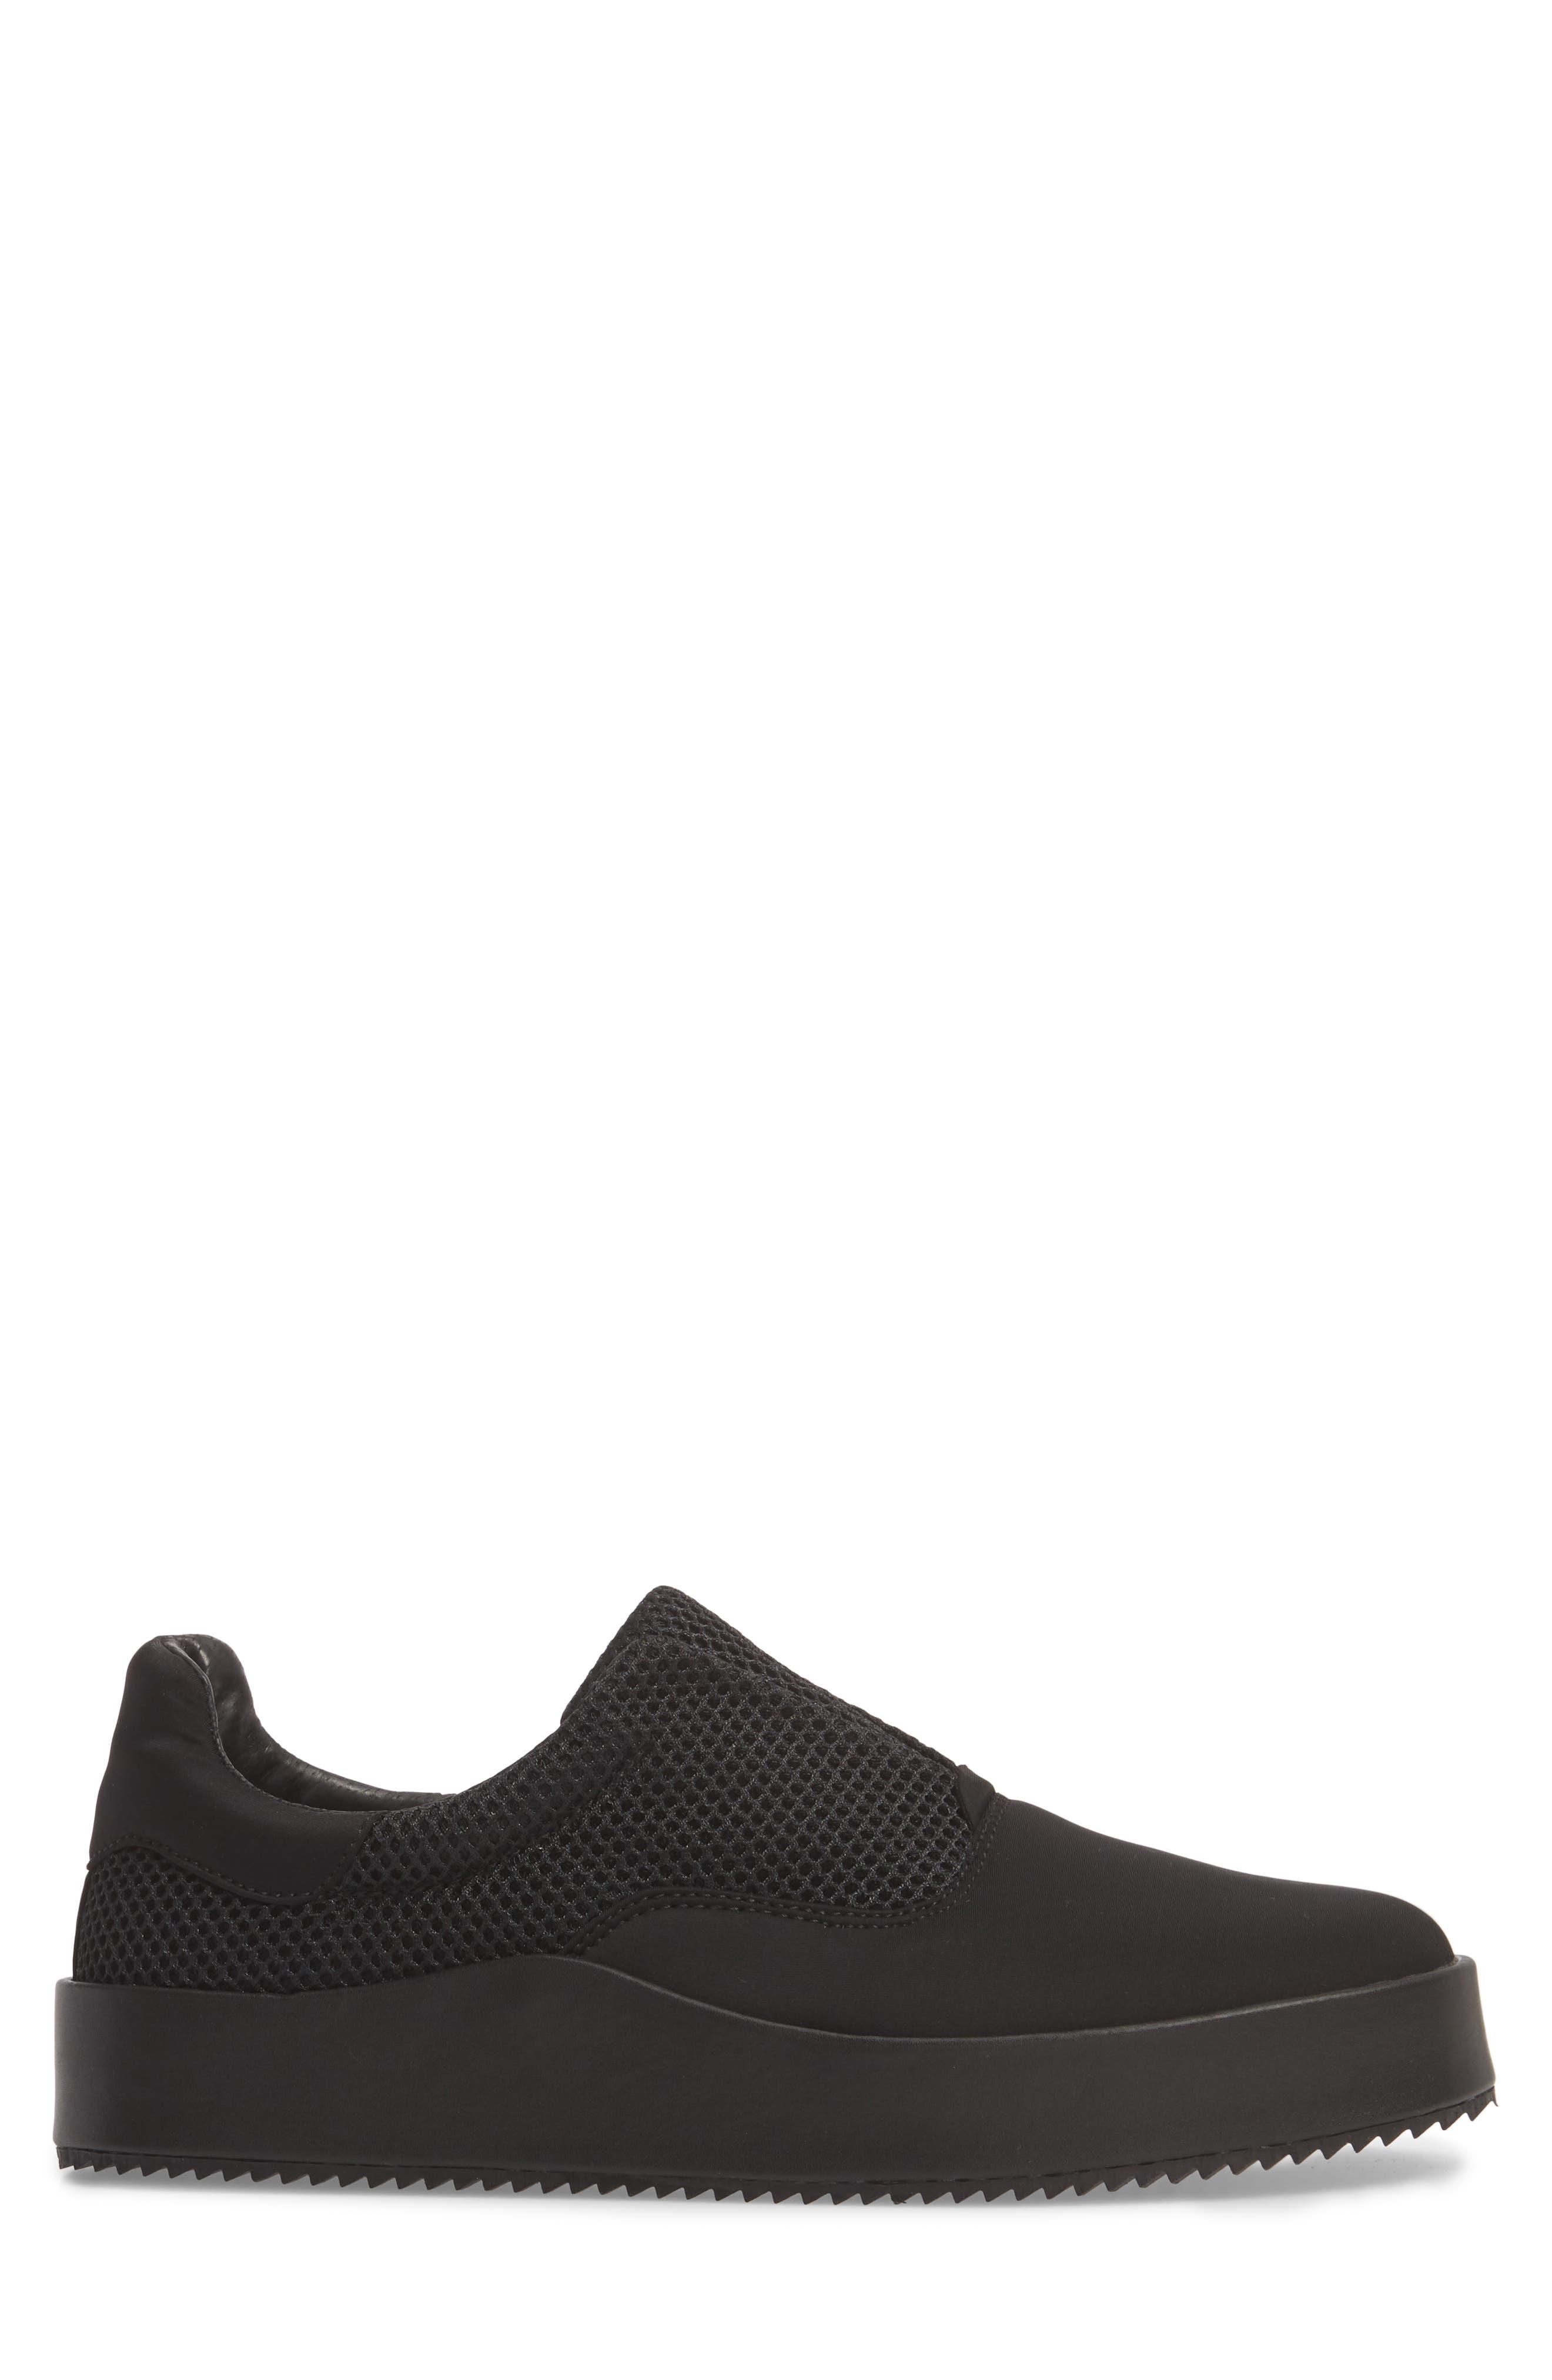 Core Neoprene Skater Laceless Sneaker,                             Alternate thumbnail 3, color,                             Black Neoprene Fabric